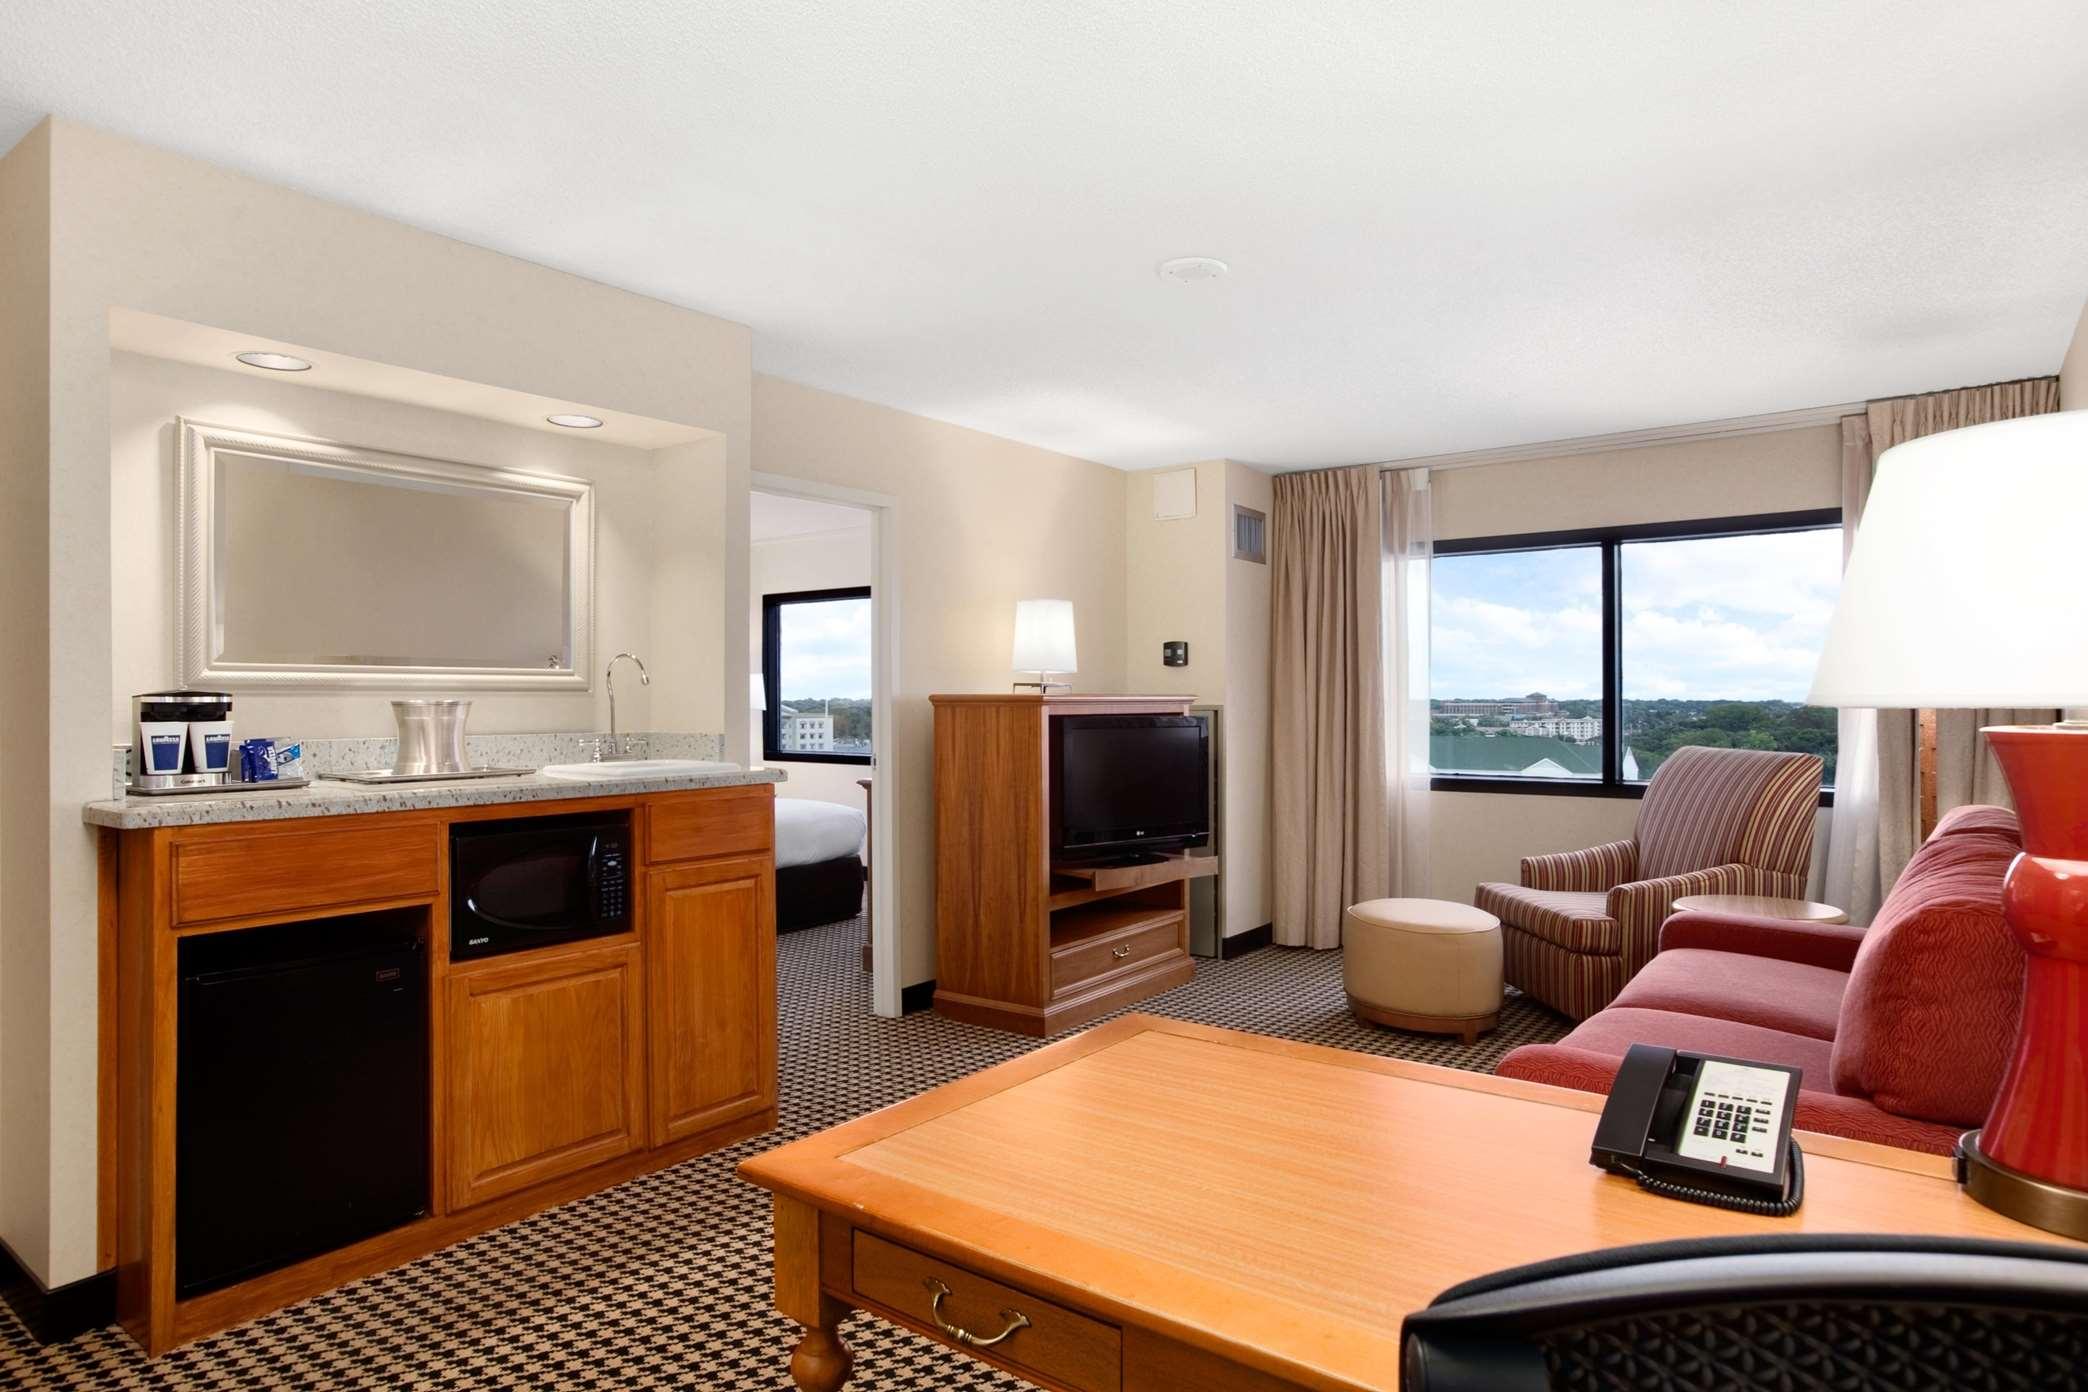 Hilton Chicago/Oak Brook Suites image 20